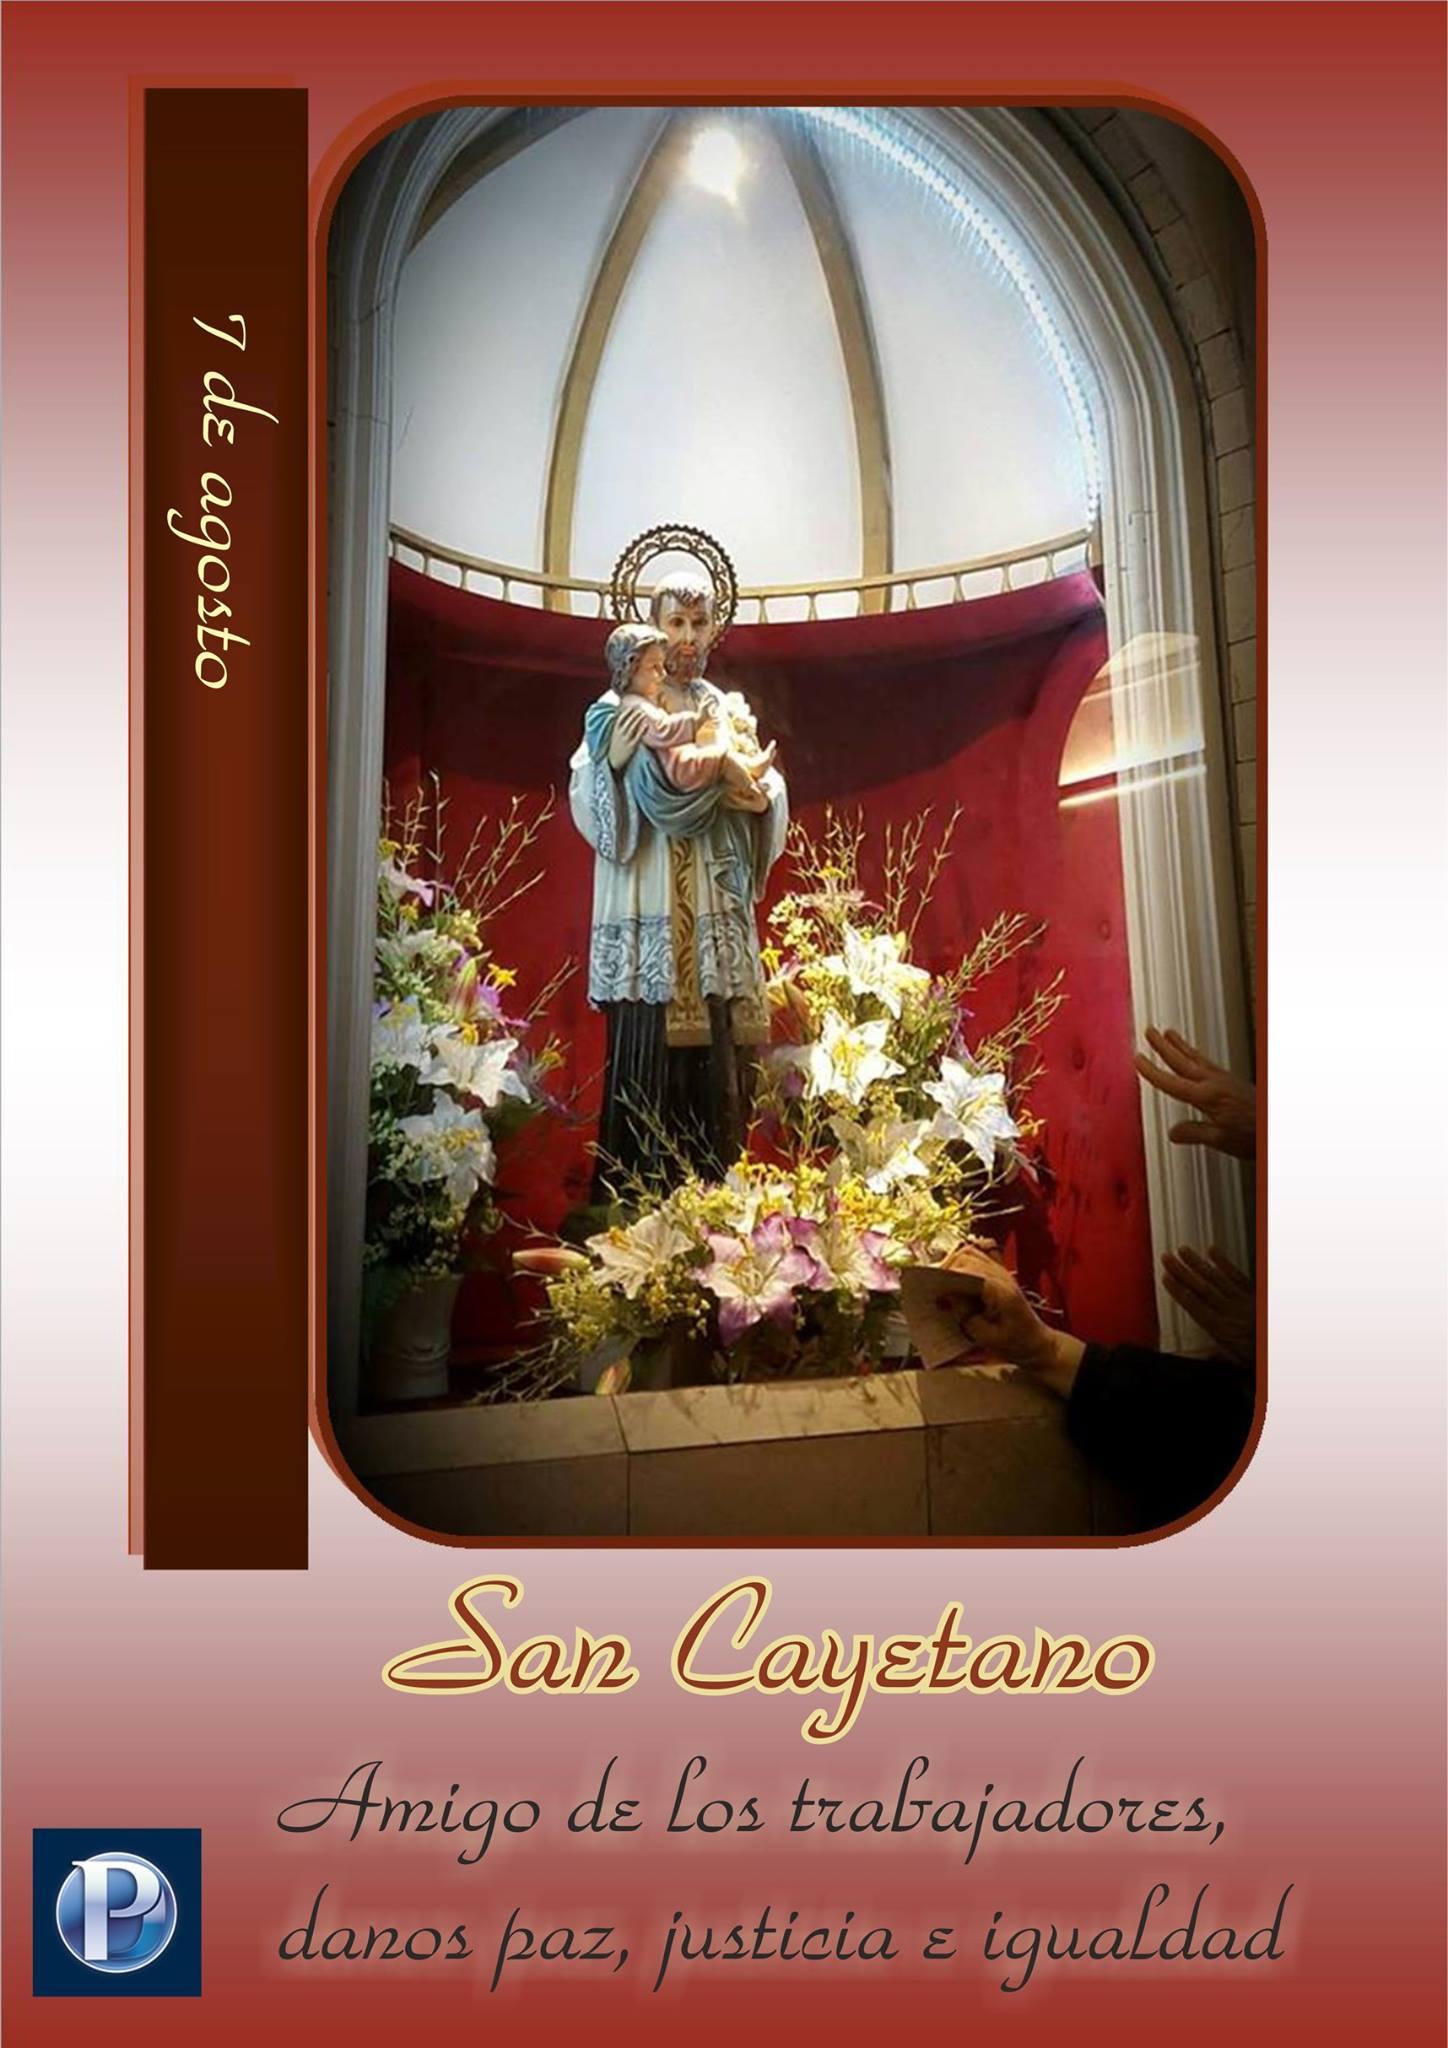 7 de agosto: San Cayetano. Trabajo digno, paz, concordia, prosperidad para nuestros hogares